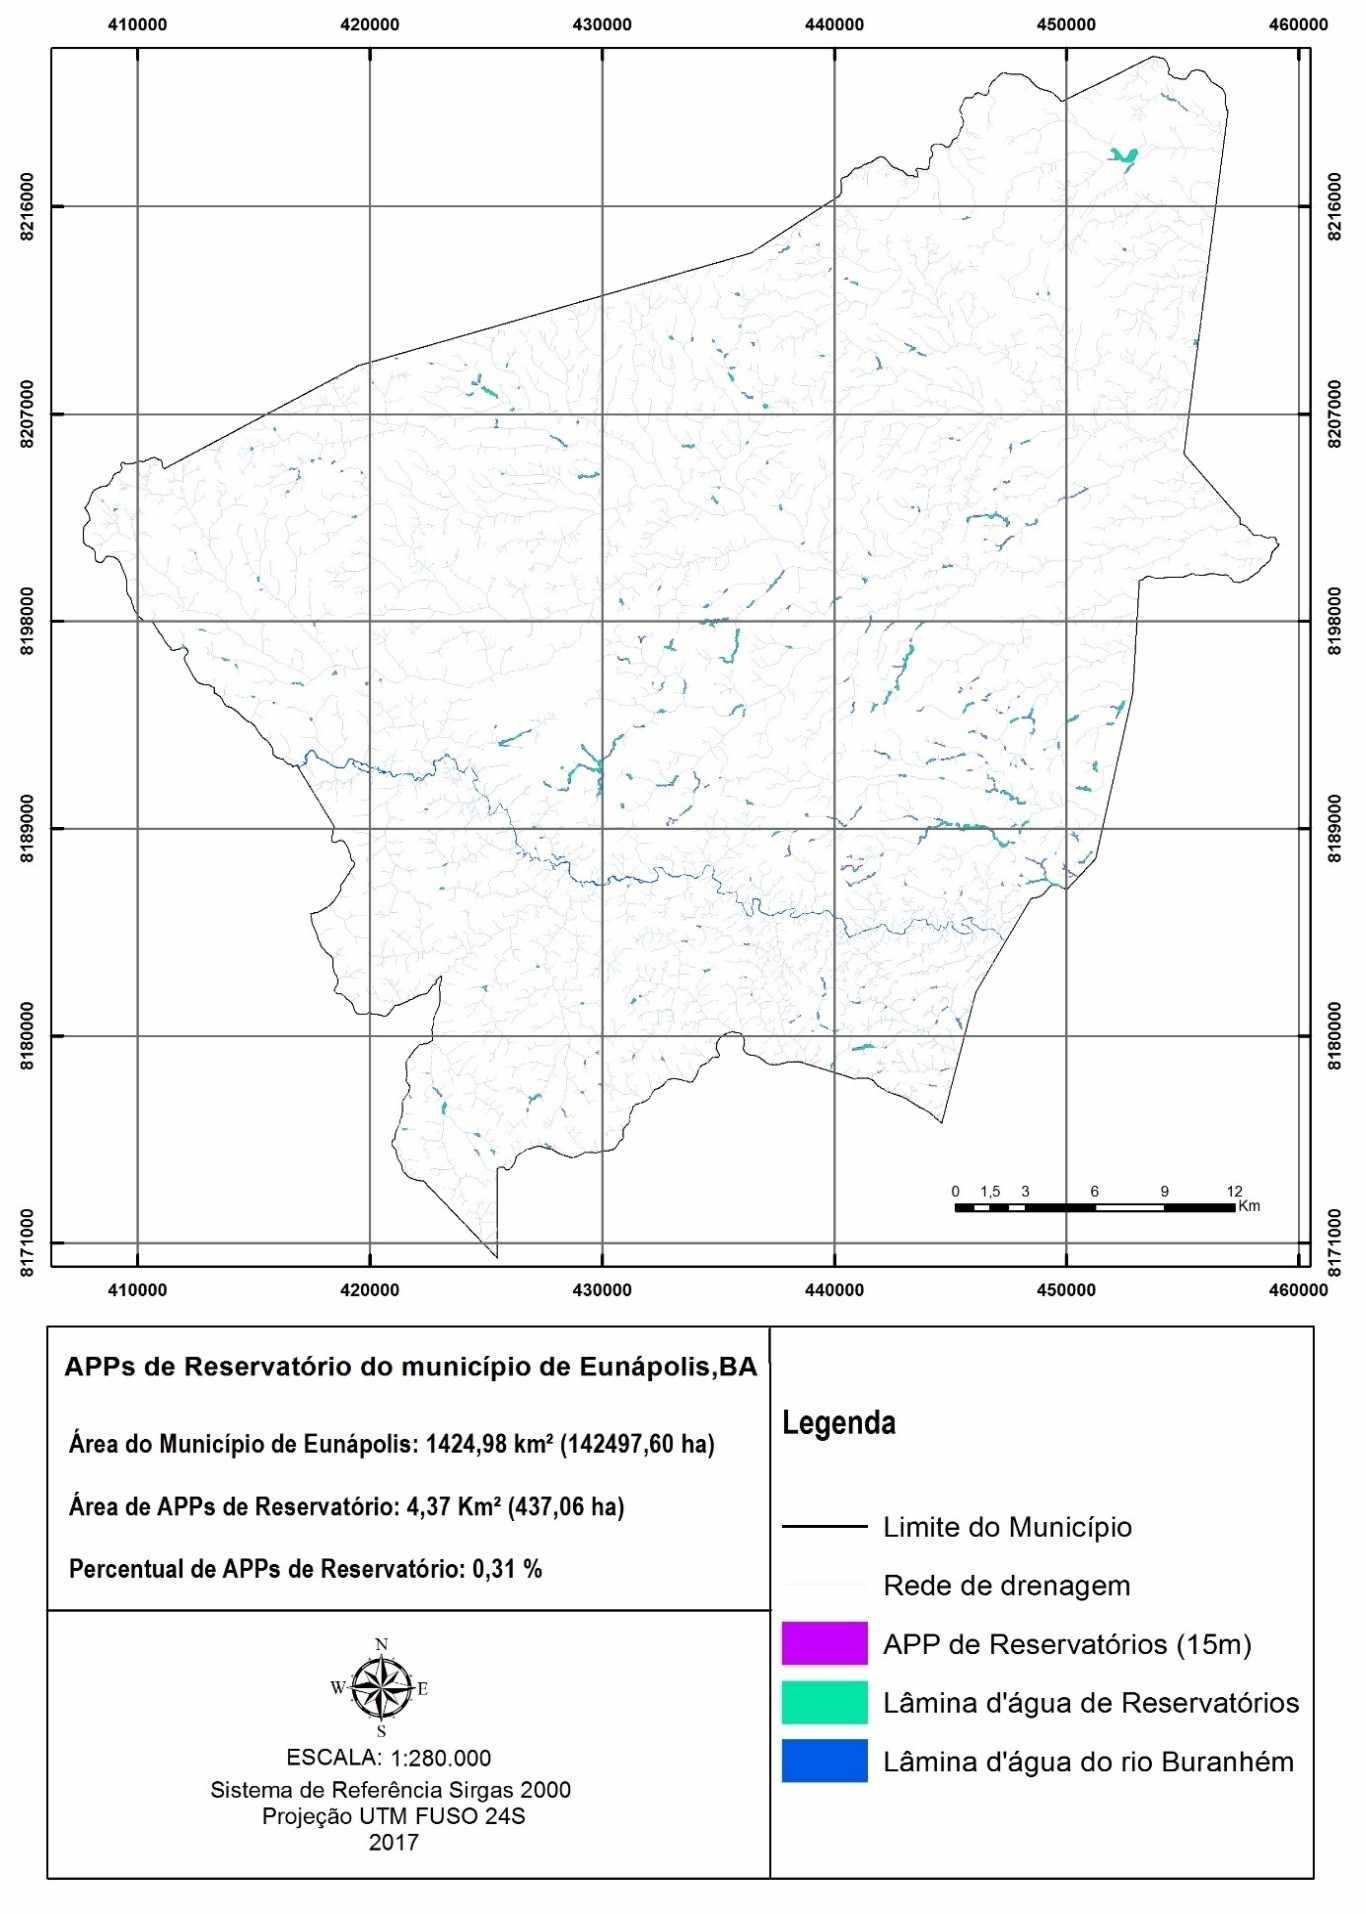 Área de preservação permanente no entorno dos reservatórios no município de Eunápolis, BA. Fonte: O autor